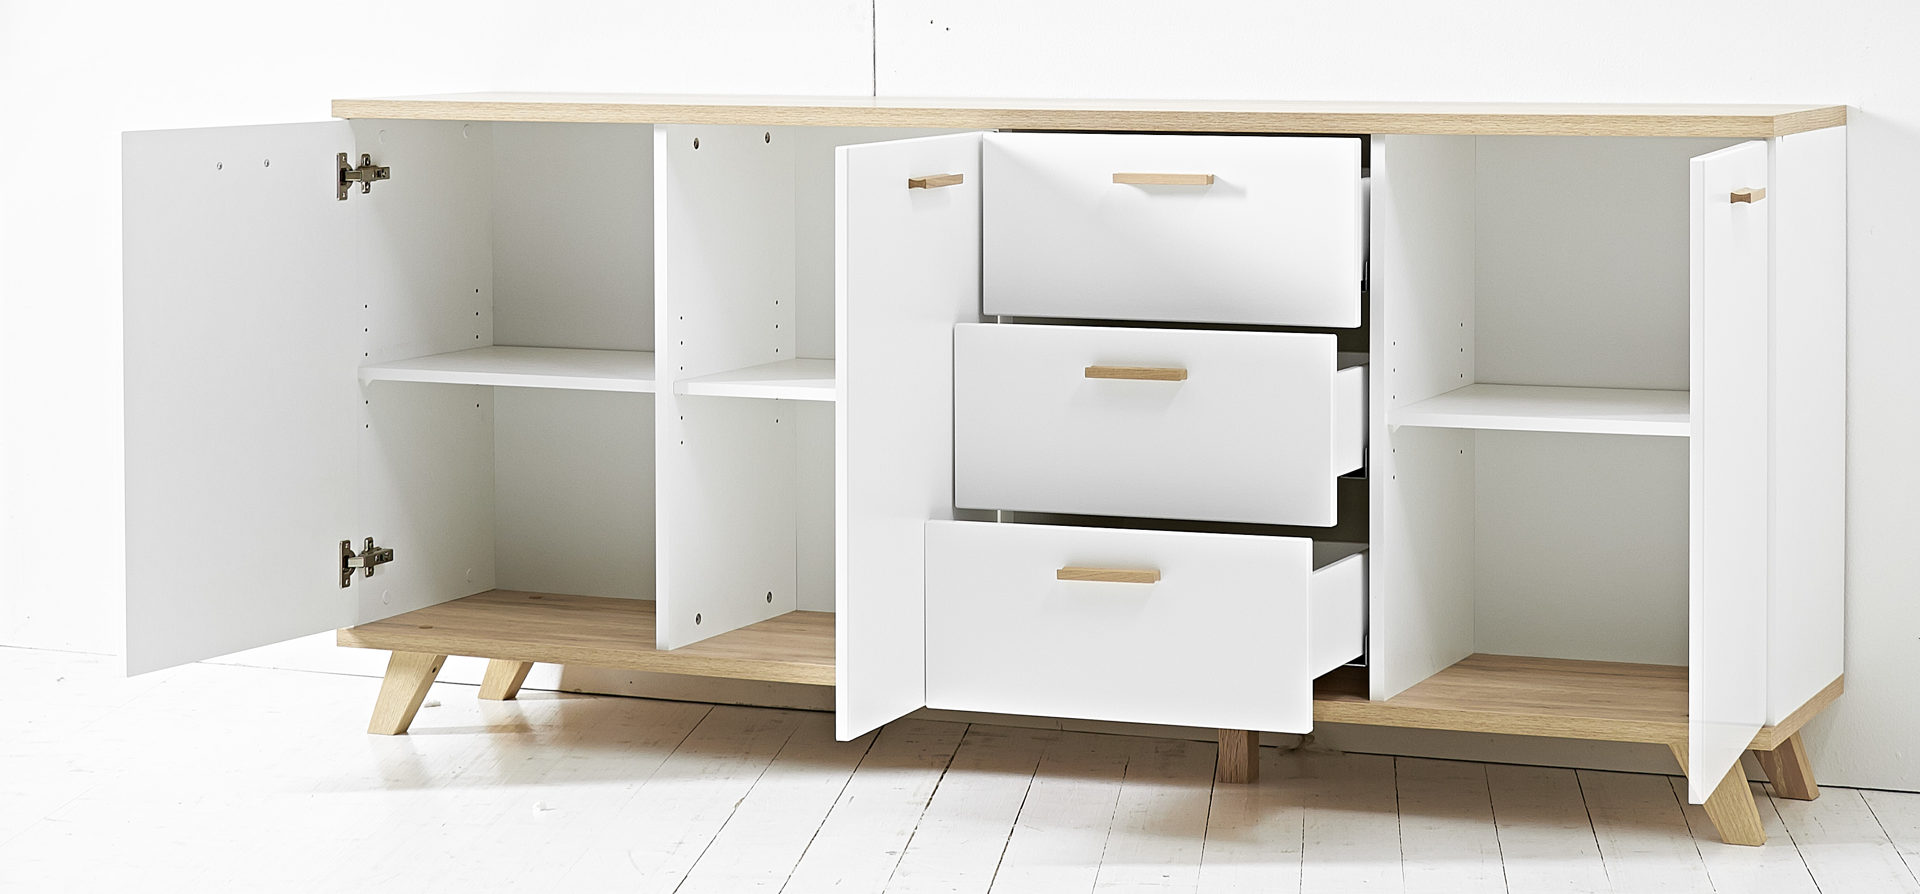 hertel möbel gesees | räume | schlafzimmer | kommoden + sideboards ... - Sideboard Für Schlafzimmer